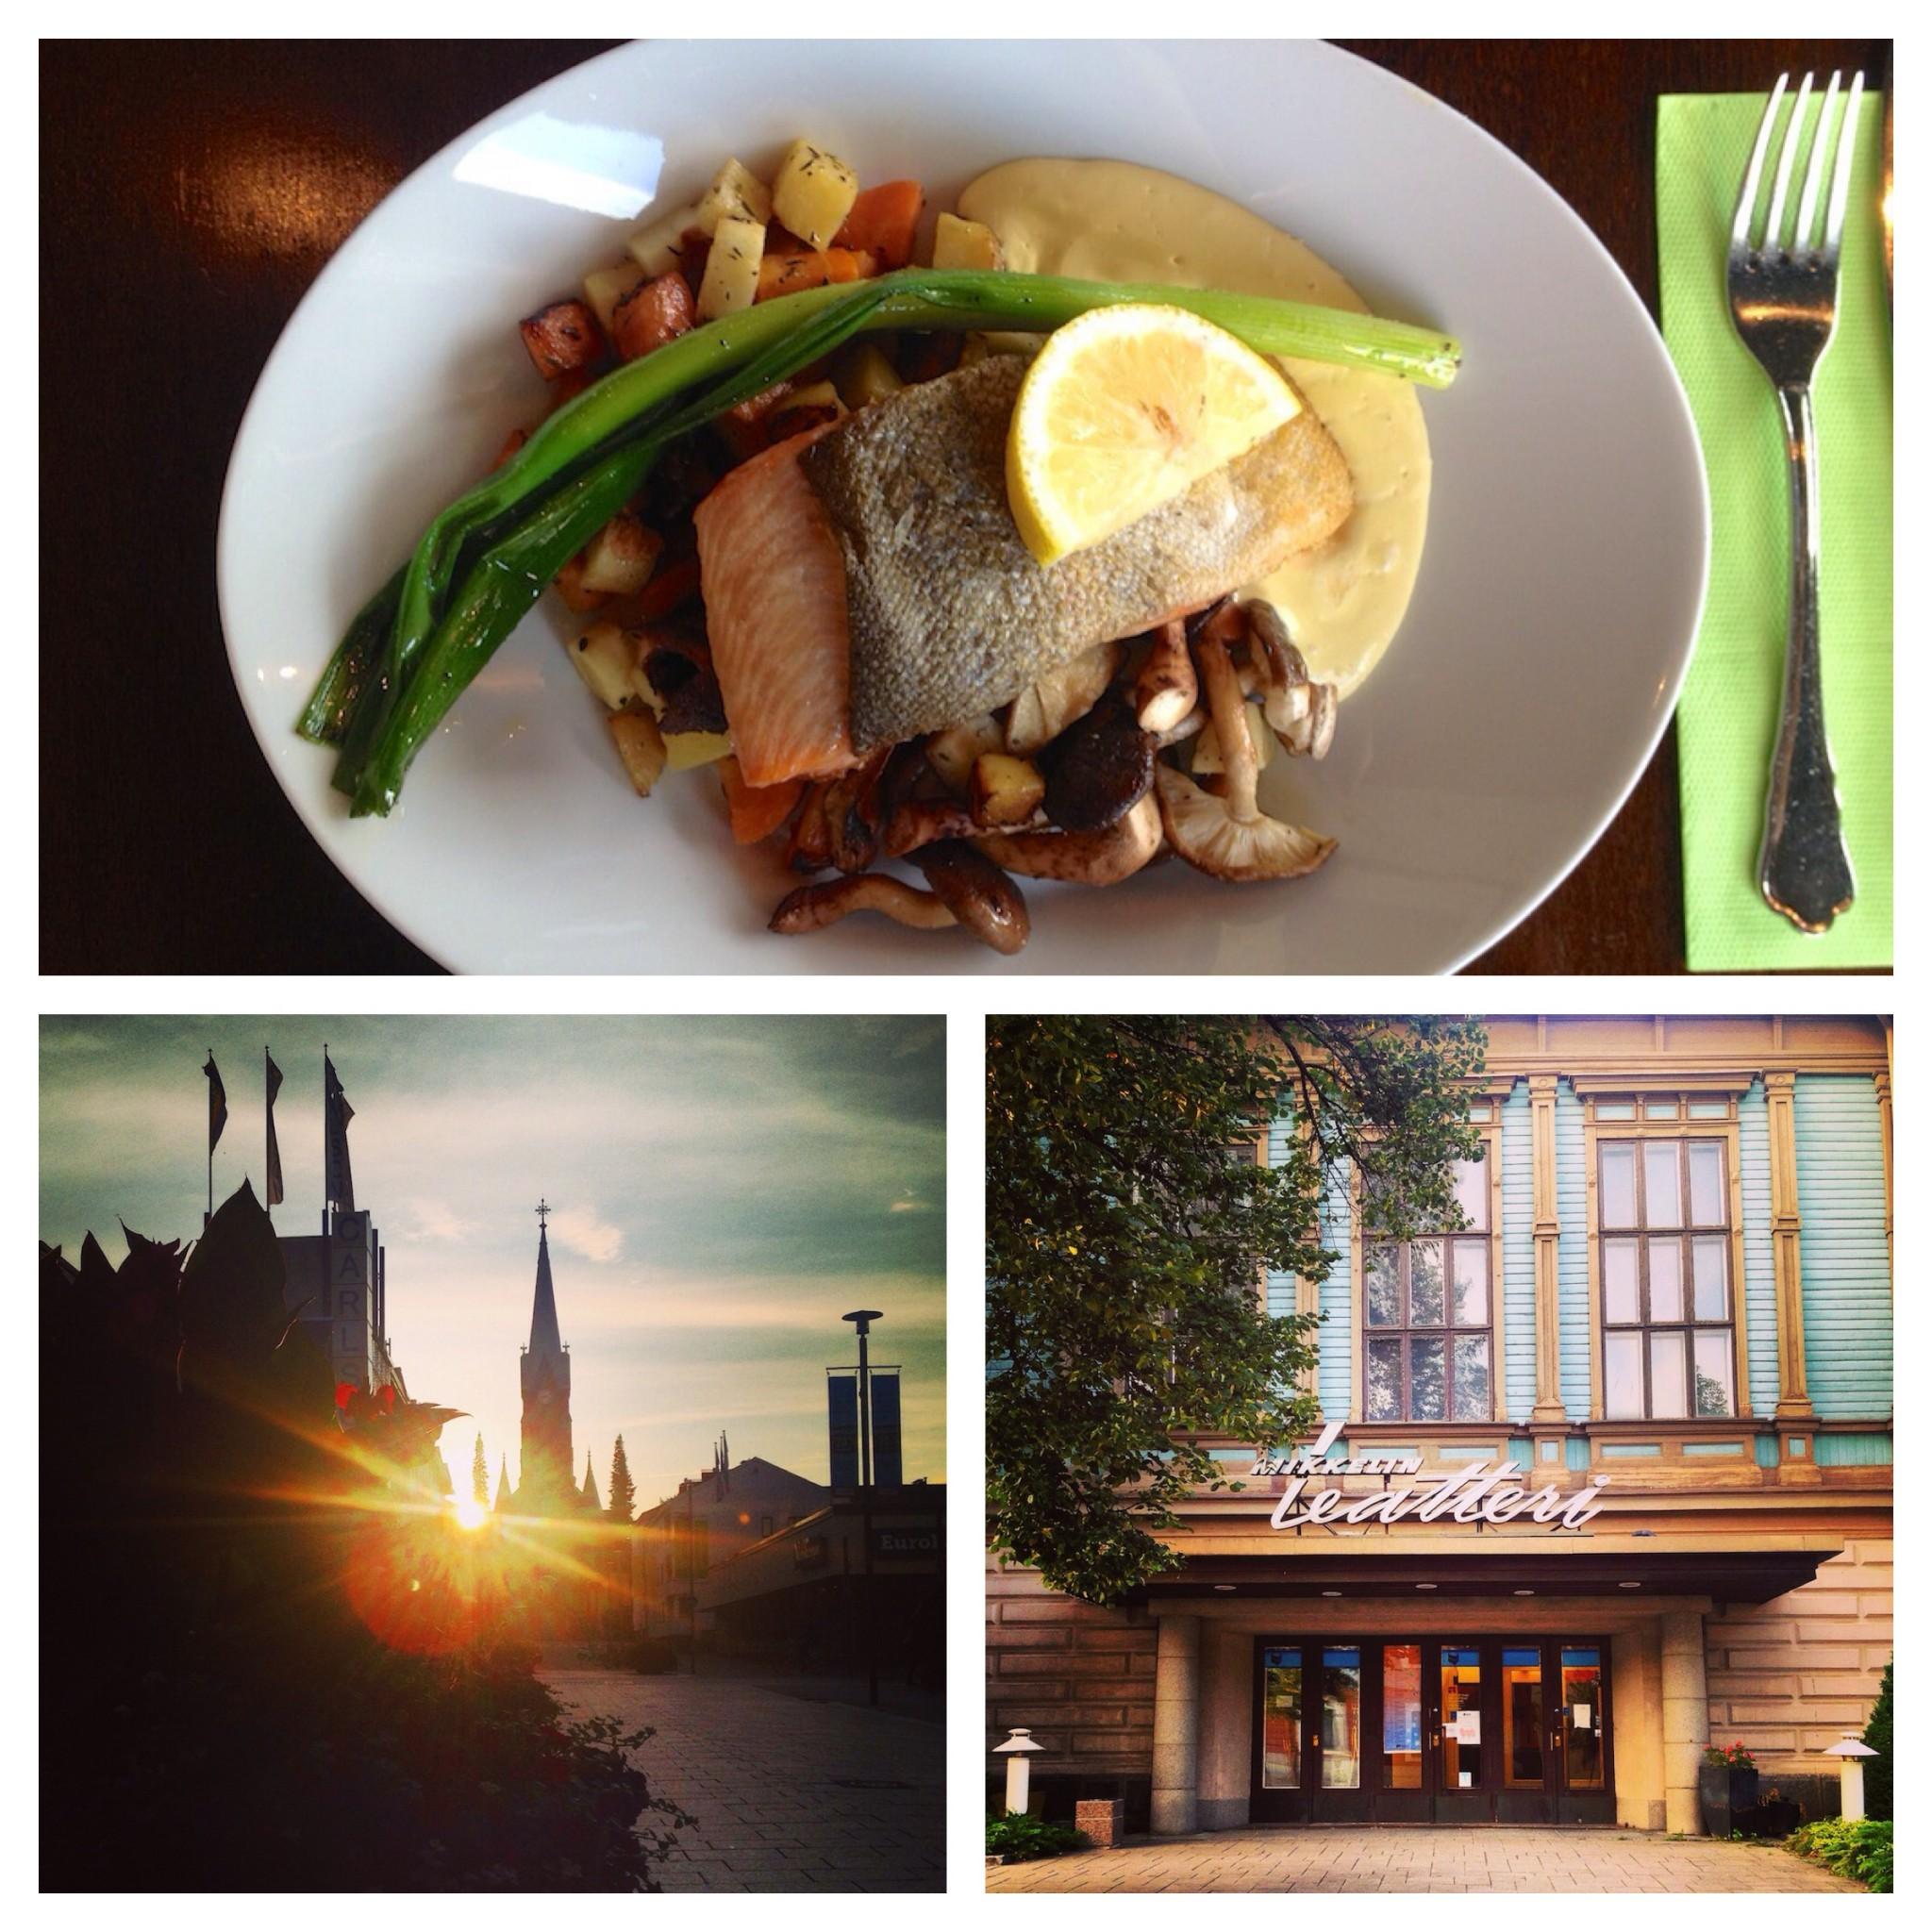 Gebäude und Gerichte in Mikkeli